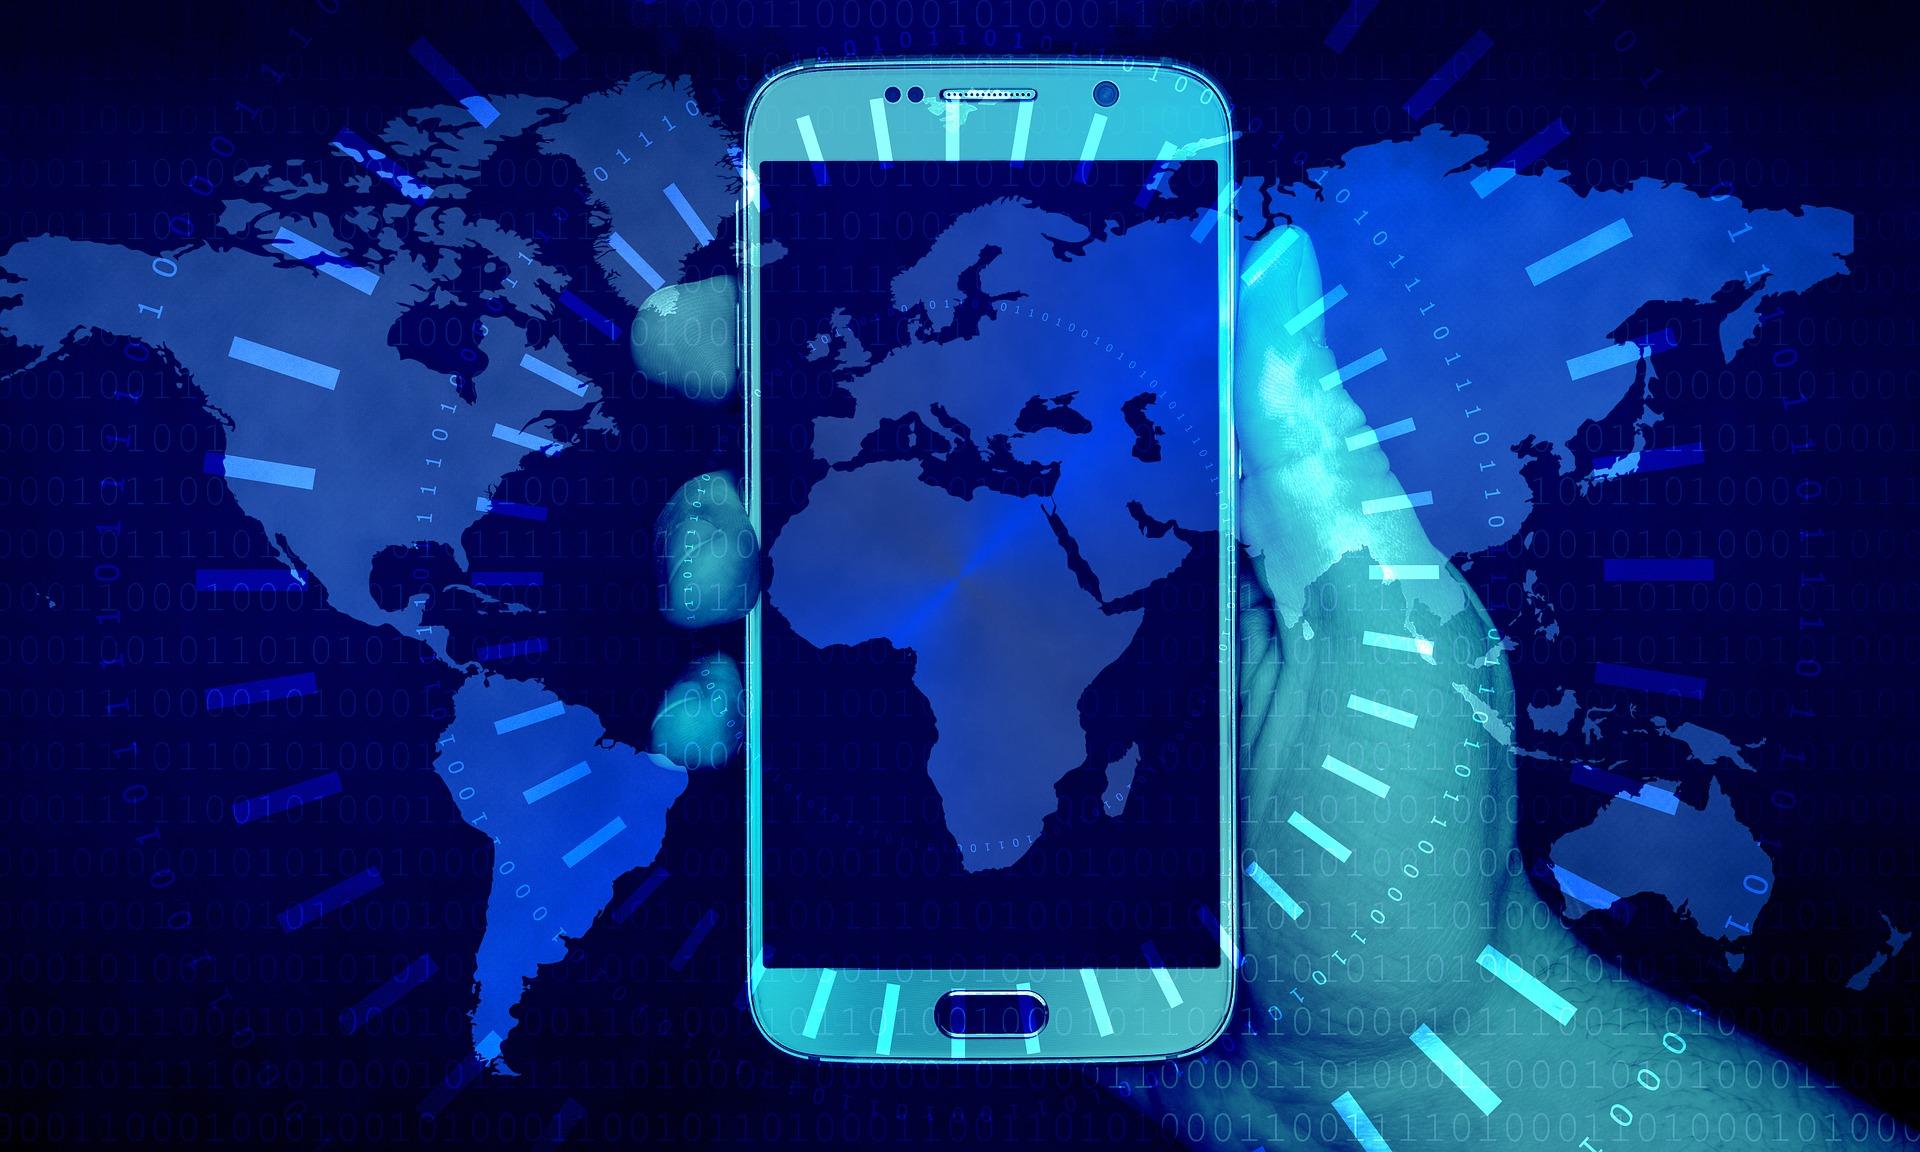 VC1, VC2 e VC3: Entenda os três tipos de chamada móvel